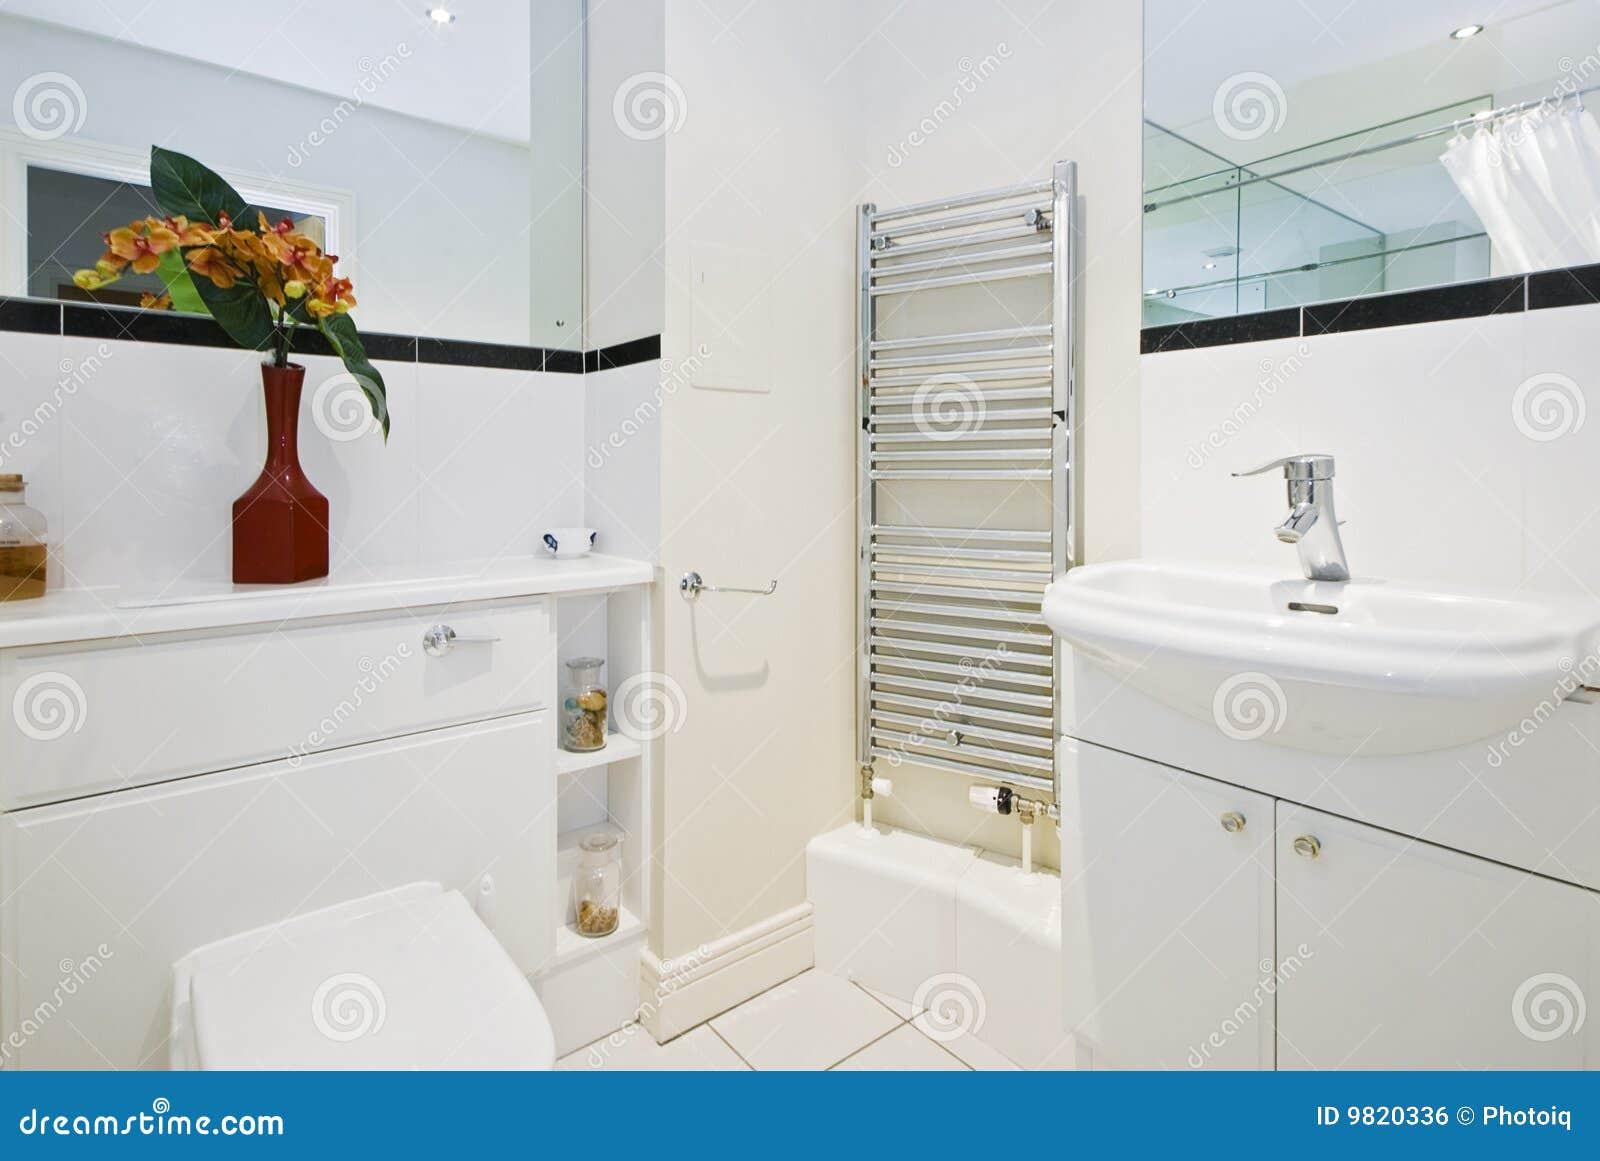 Stanza da bagno fotografia stock immagine di domestico for Stanza da bagno